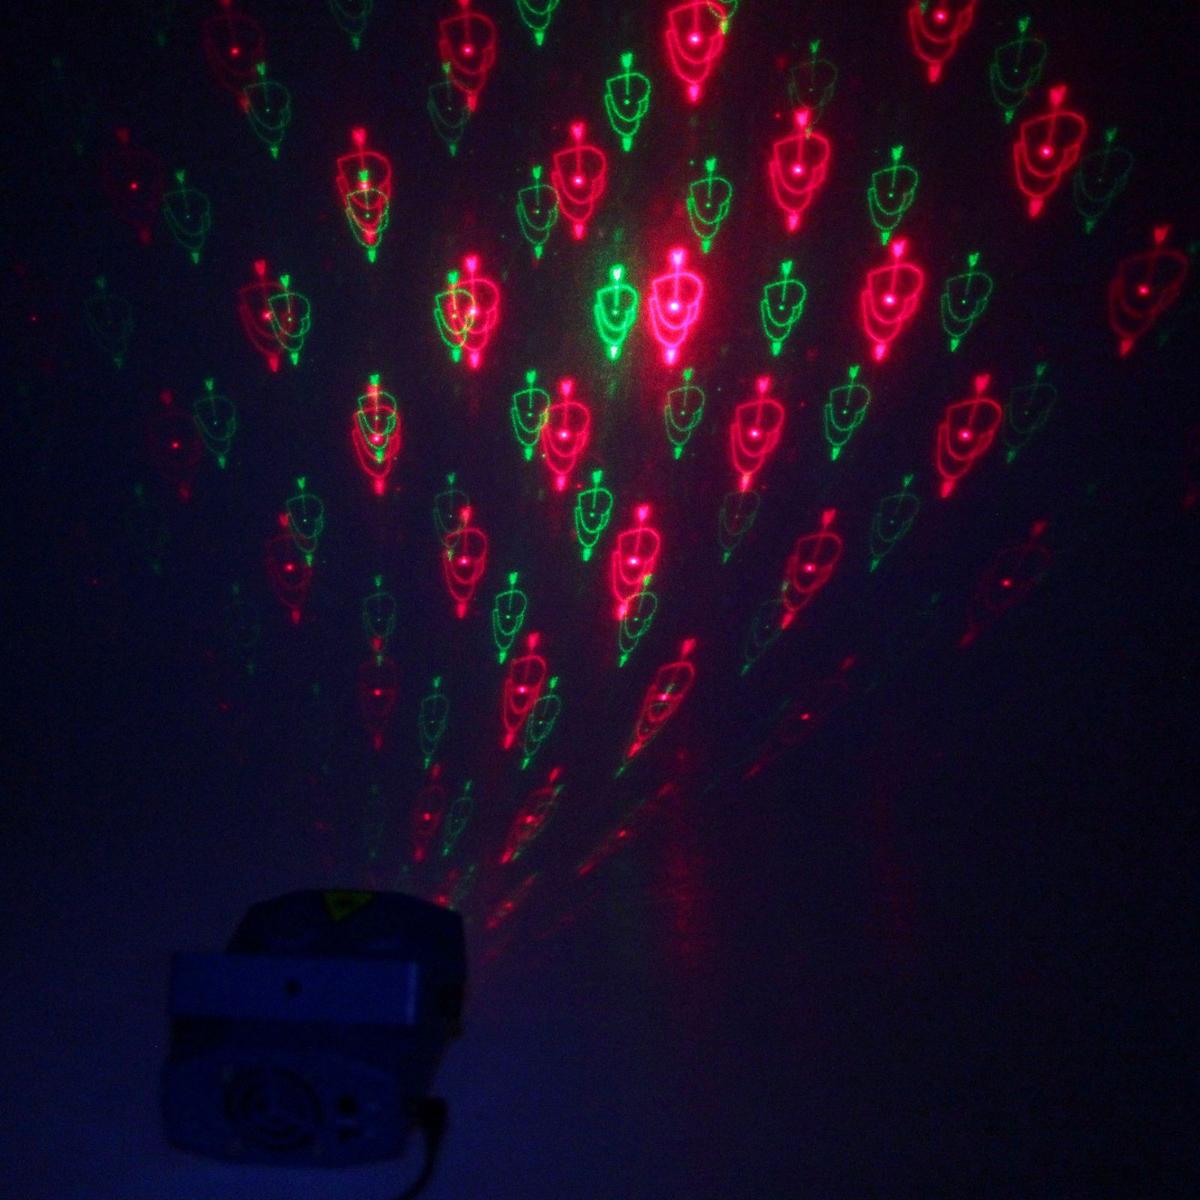 Световой прибор Luazon, 12 картинок, корпус пластик, AW-12B, 220V867681Светодиодные гирлянды, ленты и т.д — это отличный вариант для новогоднего оформления интерьера или фасада. С их помощью помещение любого размера можно превратить в праздничный зал, а внешние элементы зданий, украшенные ими, мгновенно станут напоминать очертания сказочного дворца. Такие украшения создают ауру предвкушения чуда. Деревья, фасады, витрины, окна и арки будто специально созданы, чтобы вы украсили их светящимися нитями.